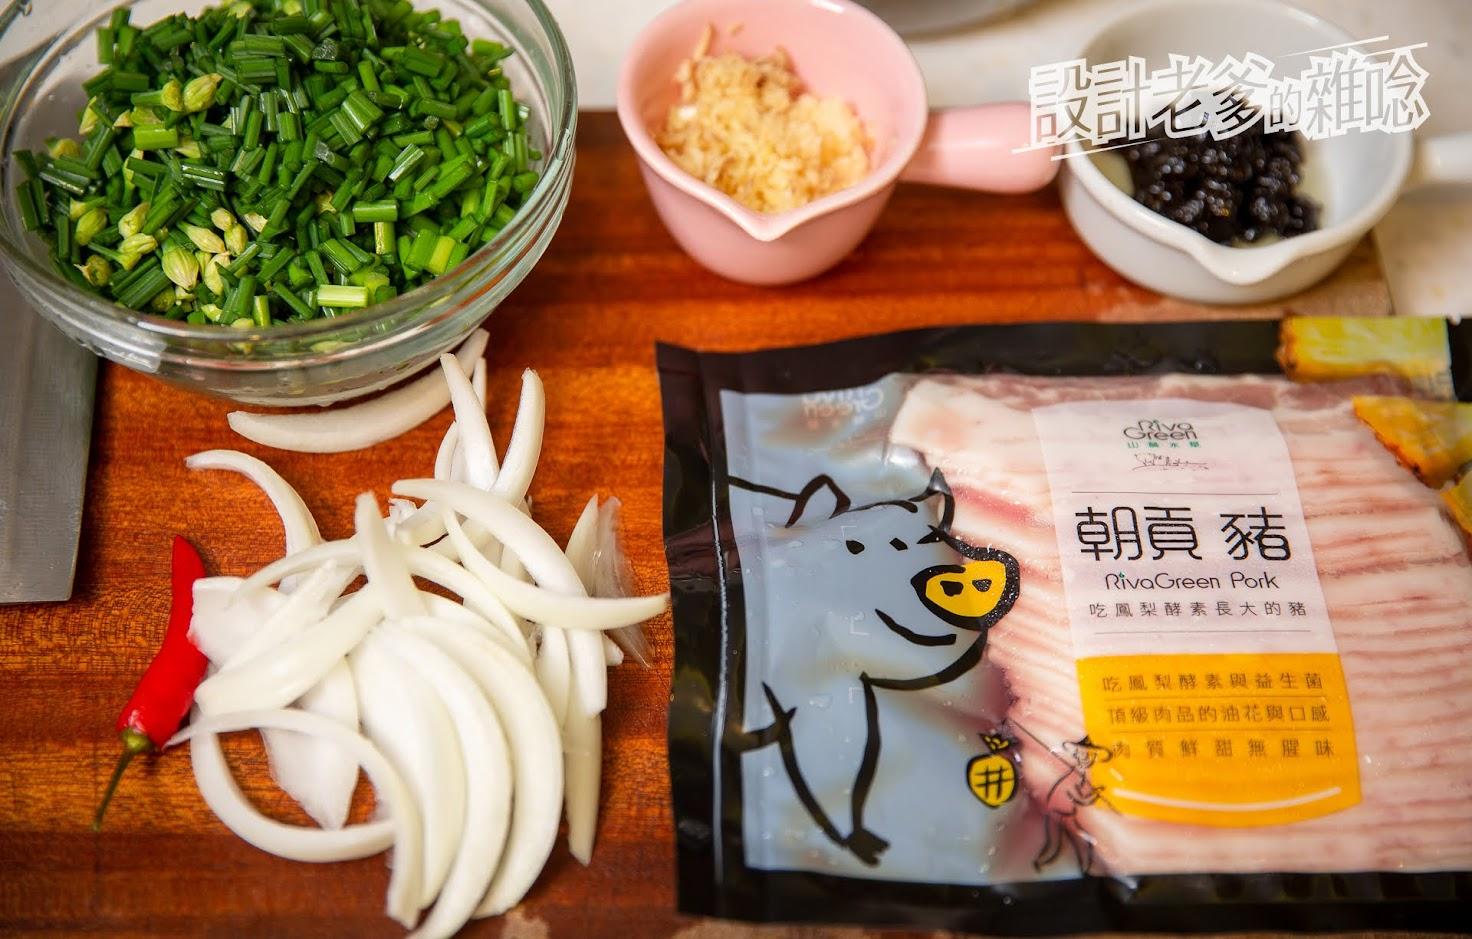 山林水草 朝貢豬雞專賣店...捷運東門站旁絕不要錯過的豬肉雞肉生鮮肉品專賣